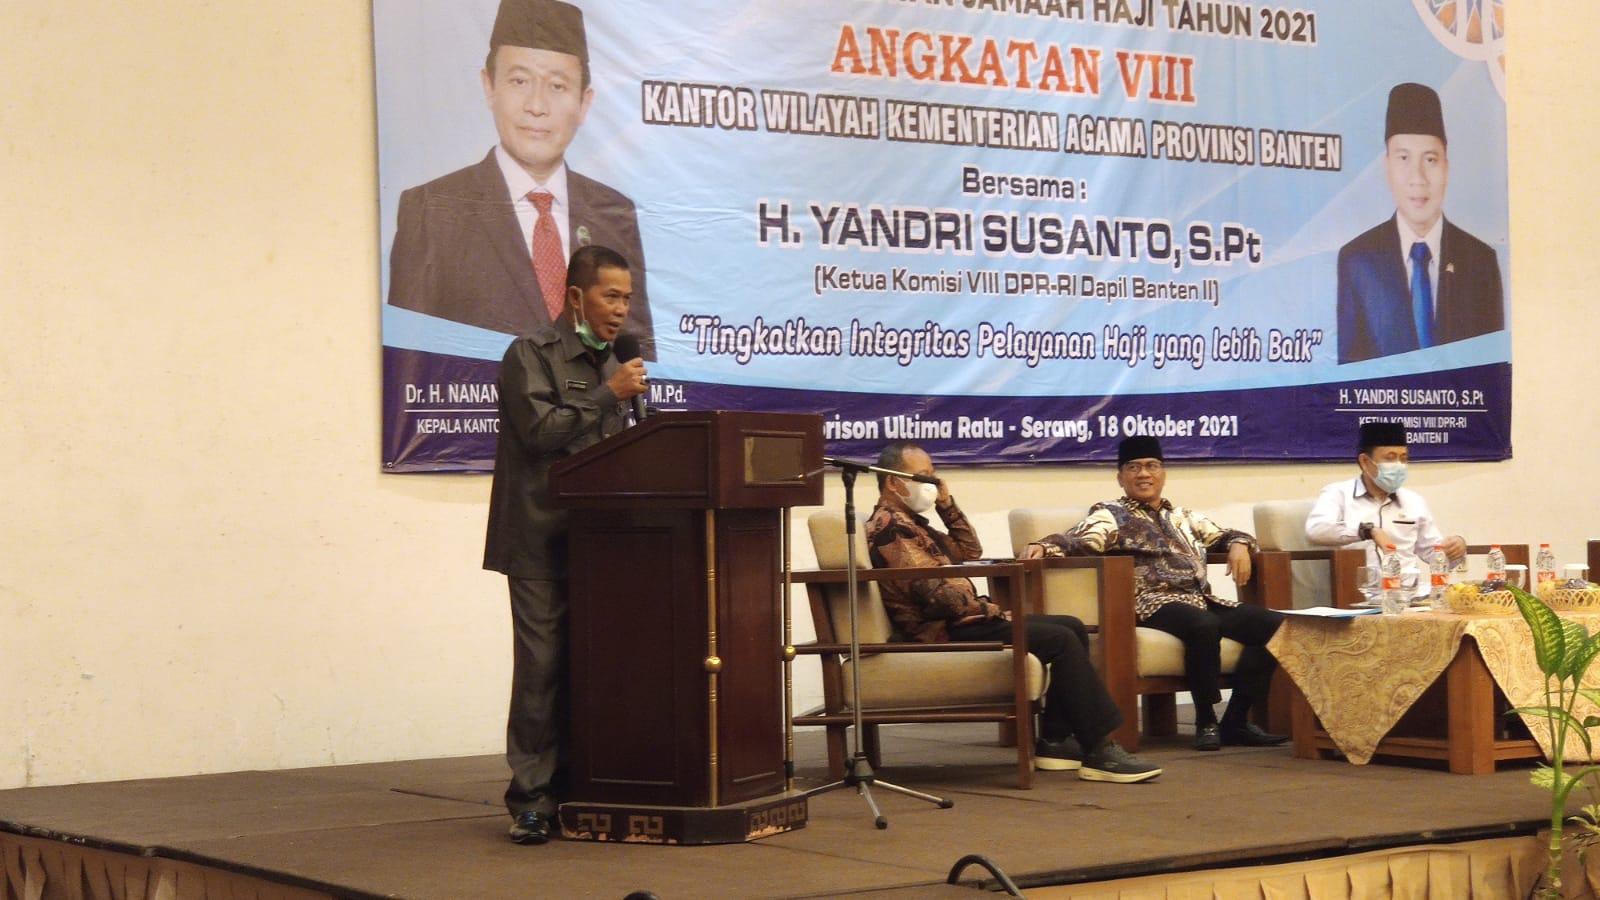 2022 diharapkan warga Kota Serang bisa berangkat Haji.